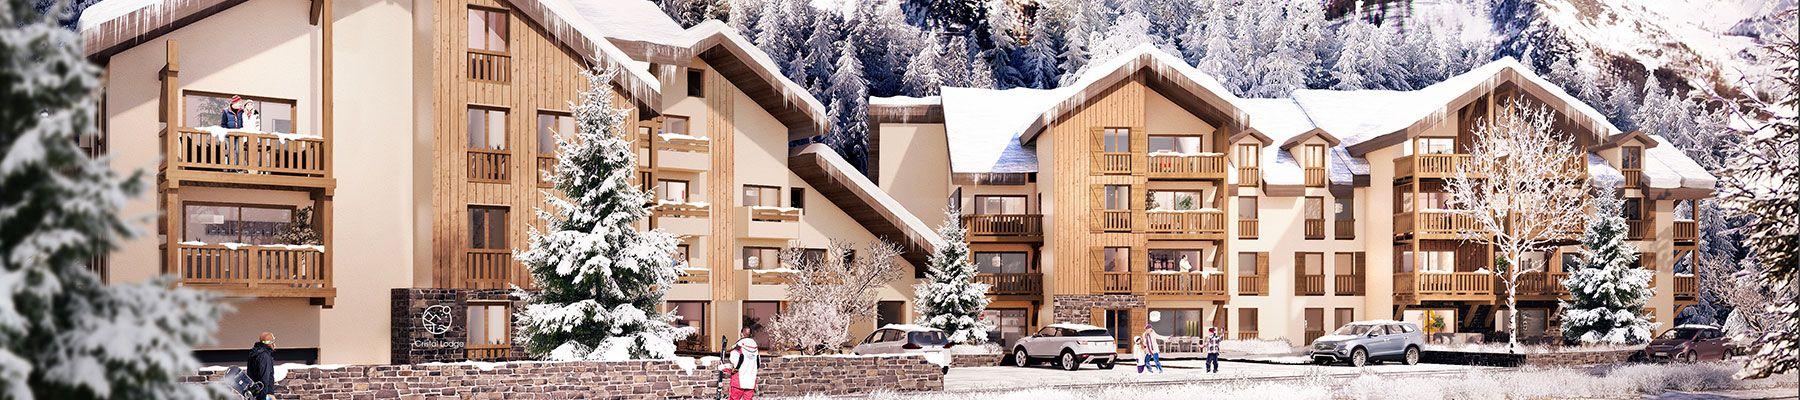 Programme Cristal Lodge à Serre Chevalier sous la neige. Nouveau programme immobilier neuf du groupe Terresens